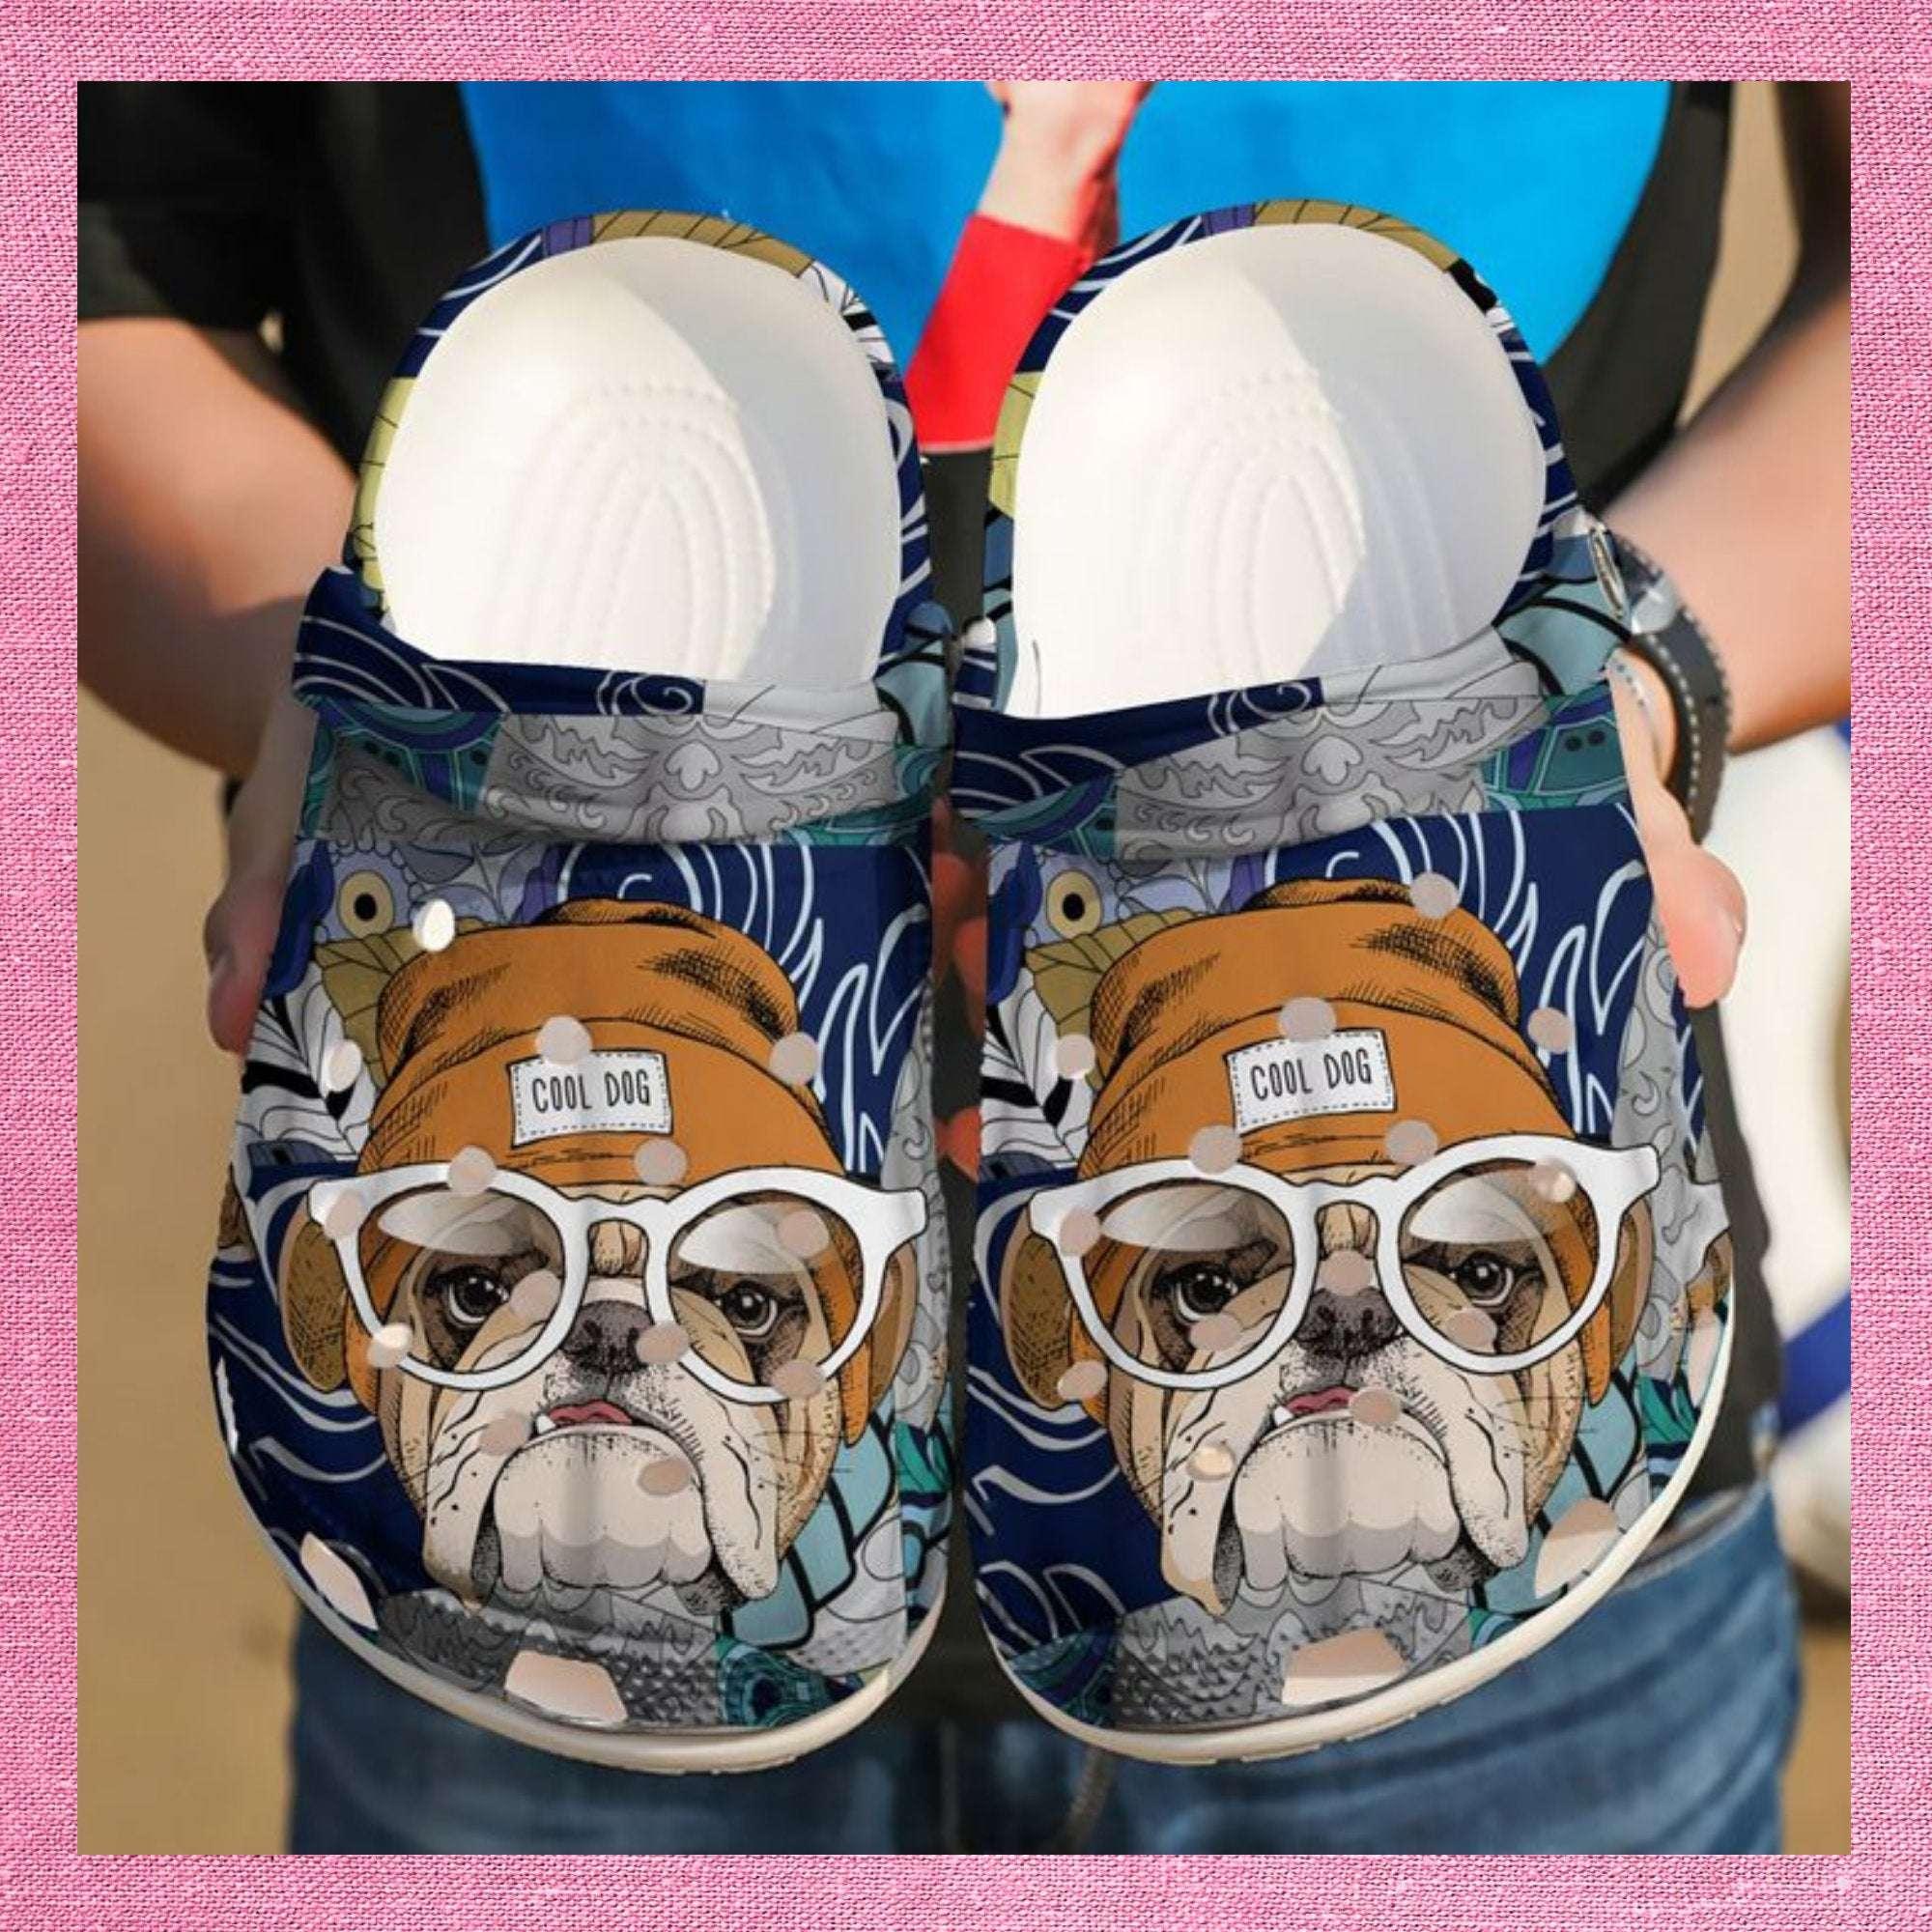 Bulldog Cool Dog Crocs Clog Shoes